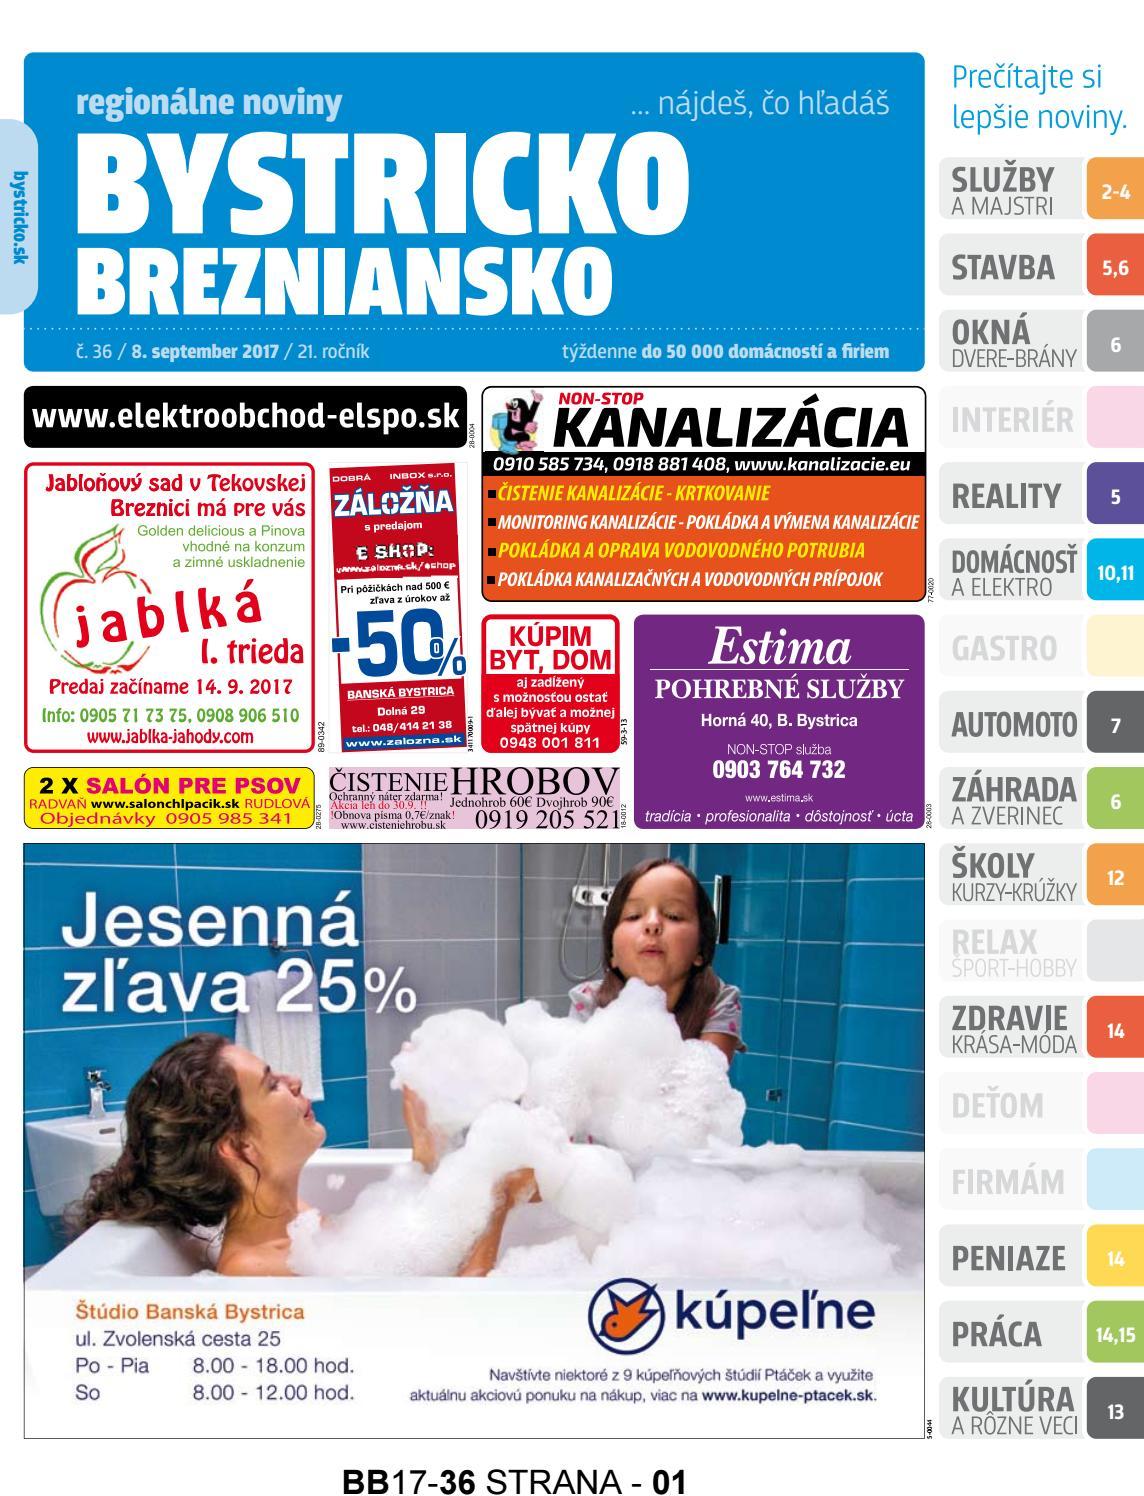 Zadarmo Zoznamka v Európe 2012